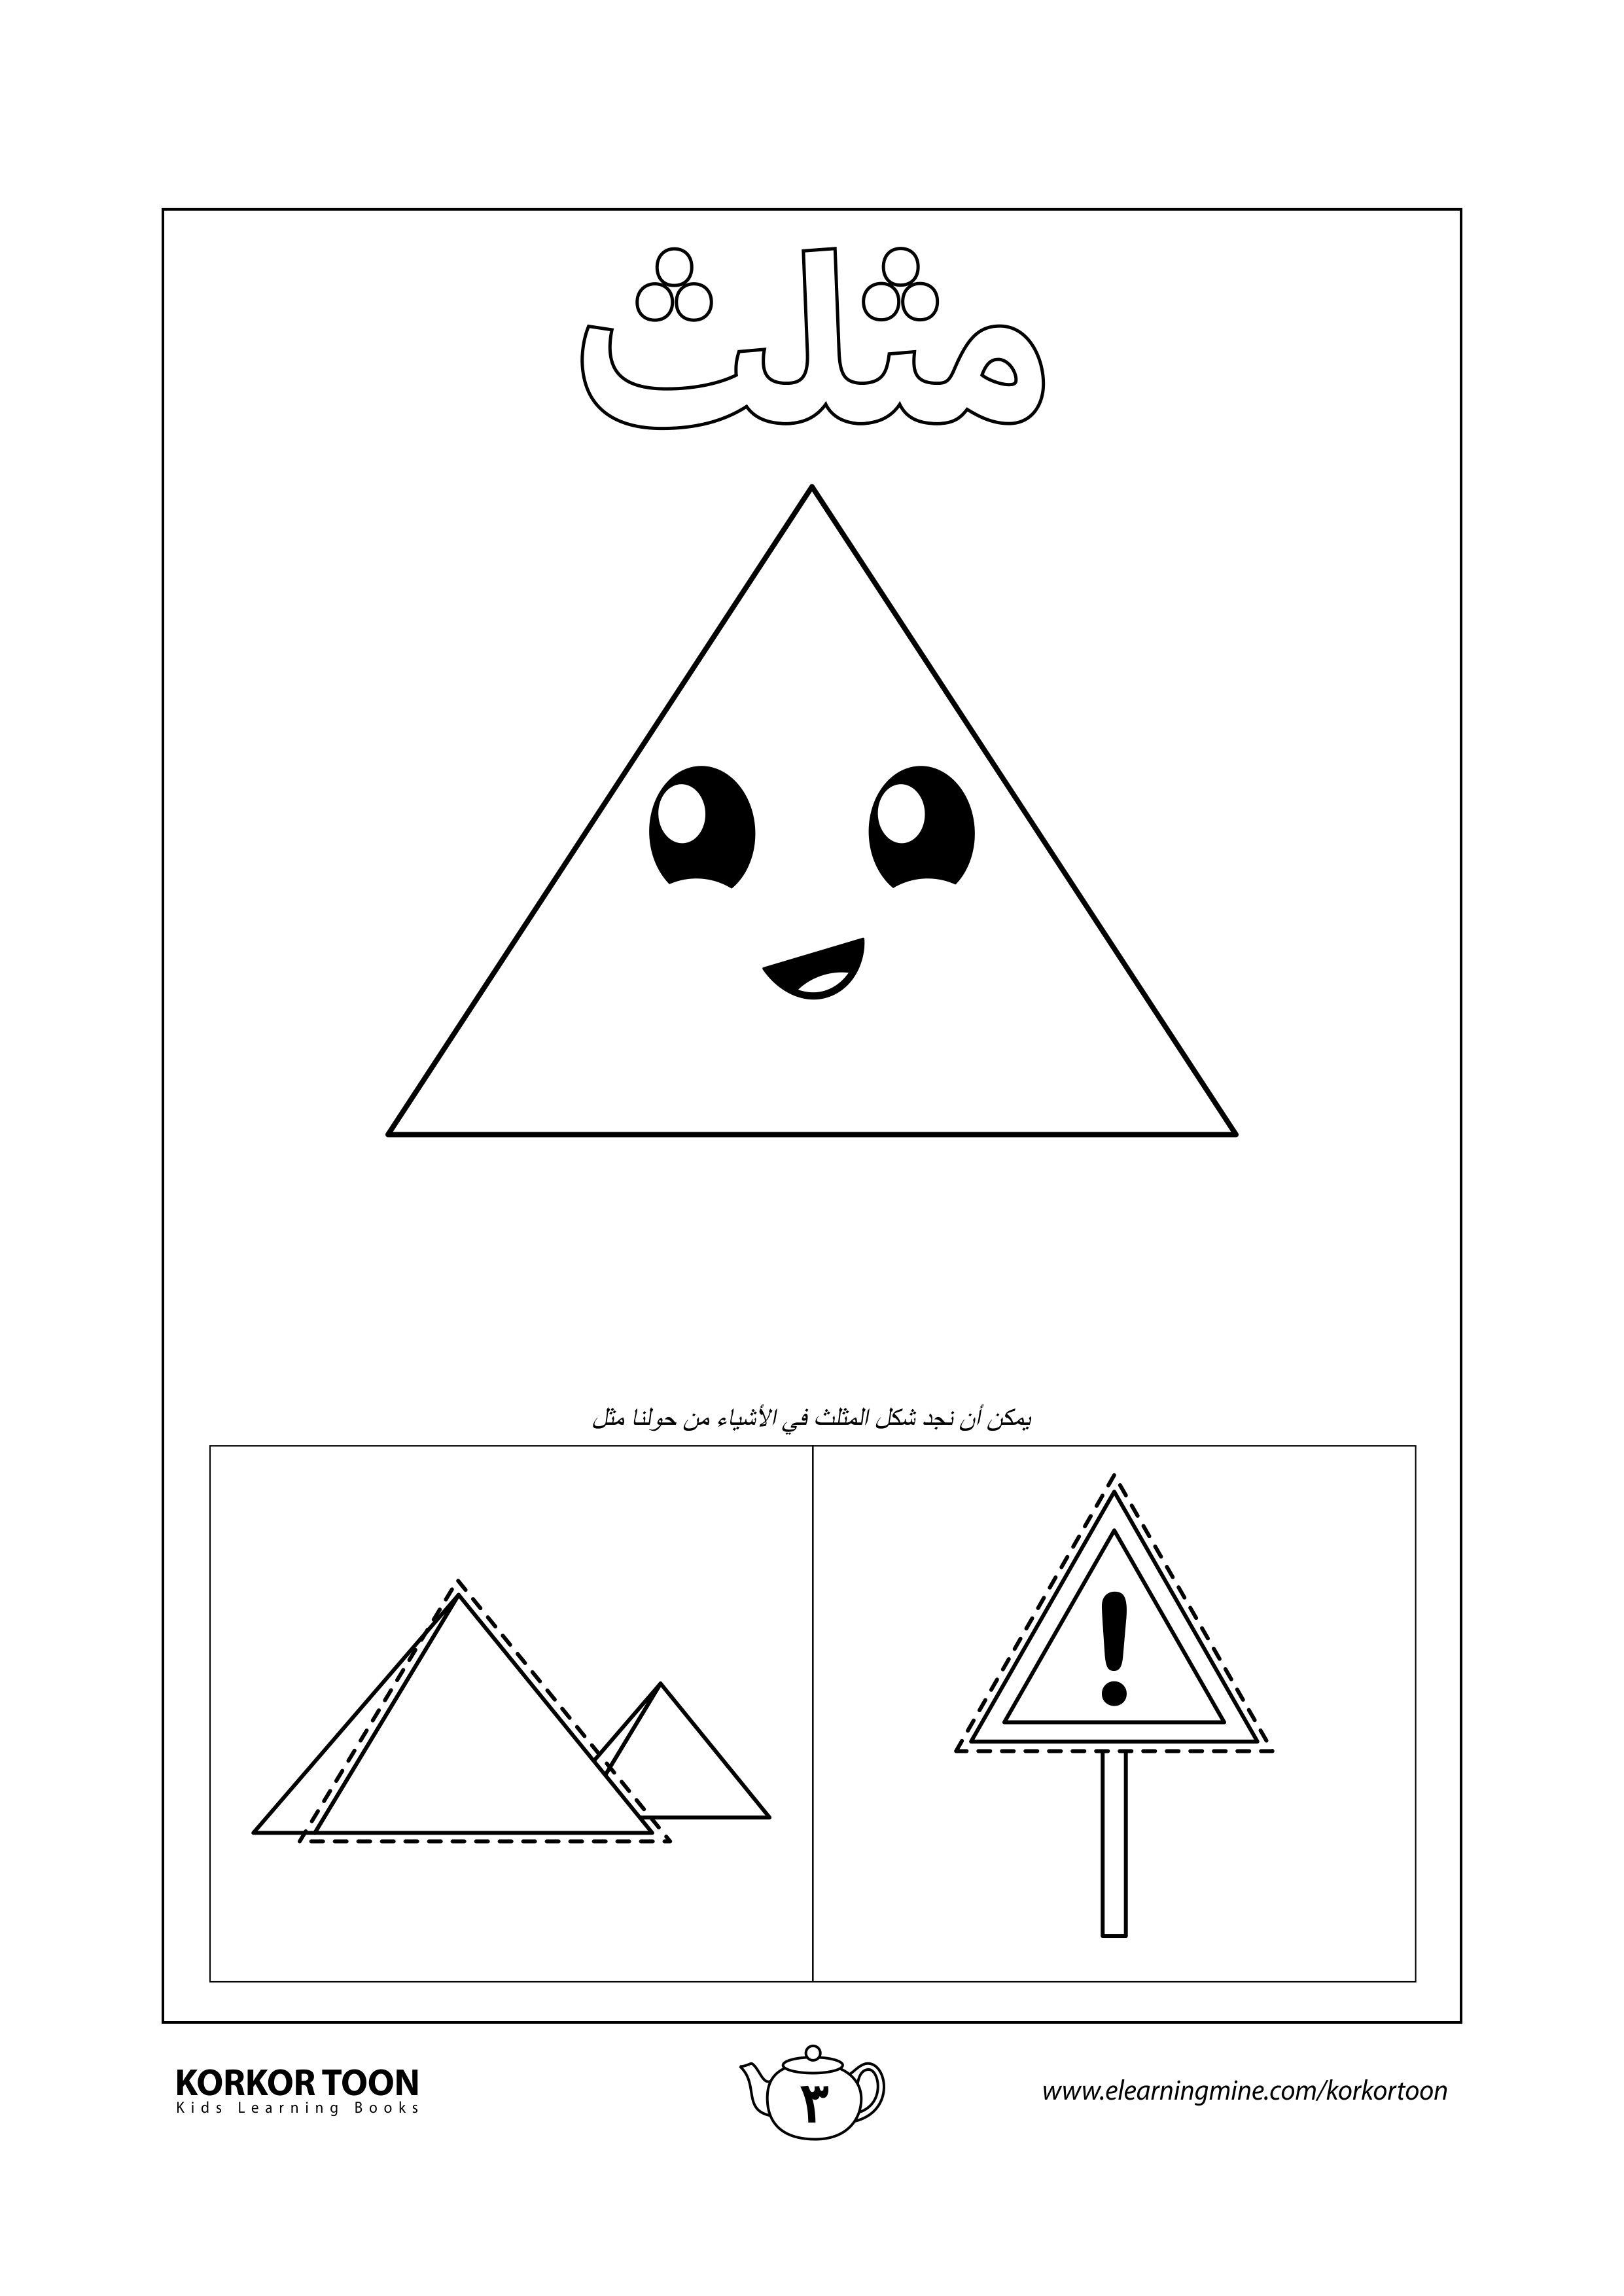 كتاب تلوين الأشكال الهندسية تلوين شكل المثلث صفحة 3 Coloring Books Teaching Art Coloring Pages